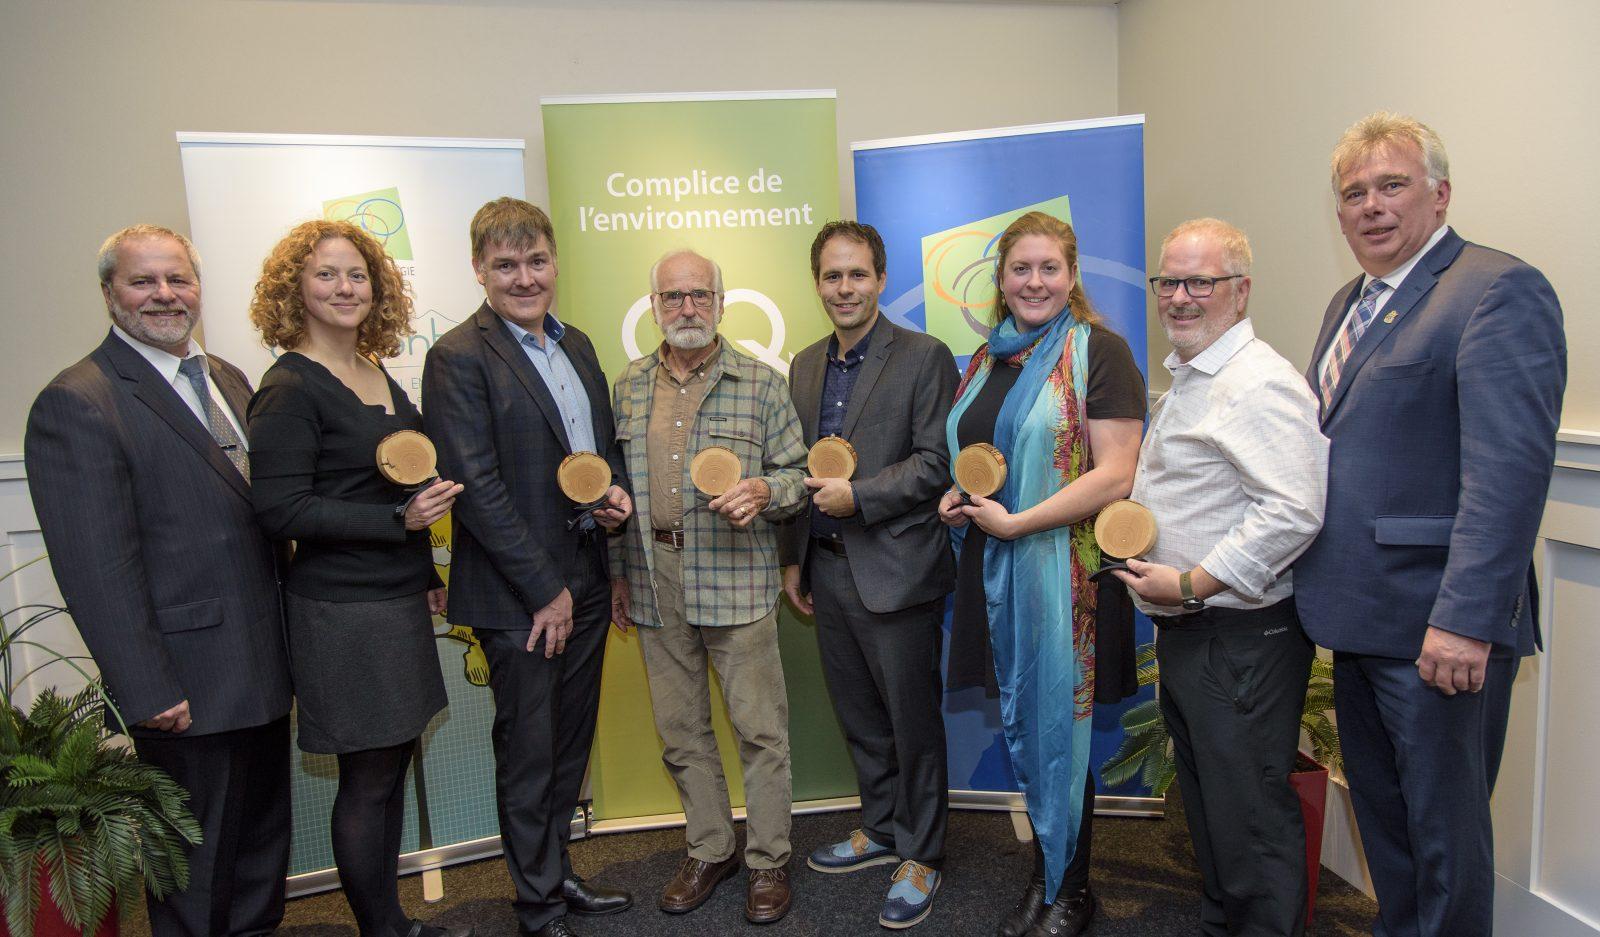 Le CRE Montérégie remet un prix d'excellence à Sanexen pour le projet de réhabilitation du site des Carrières Rive-Sud